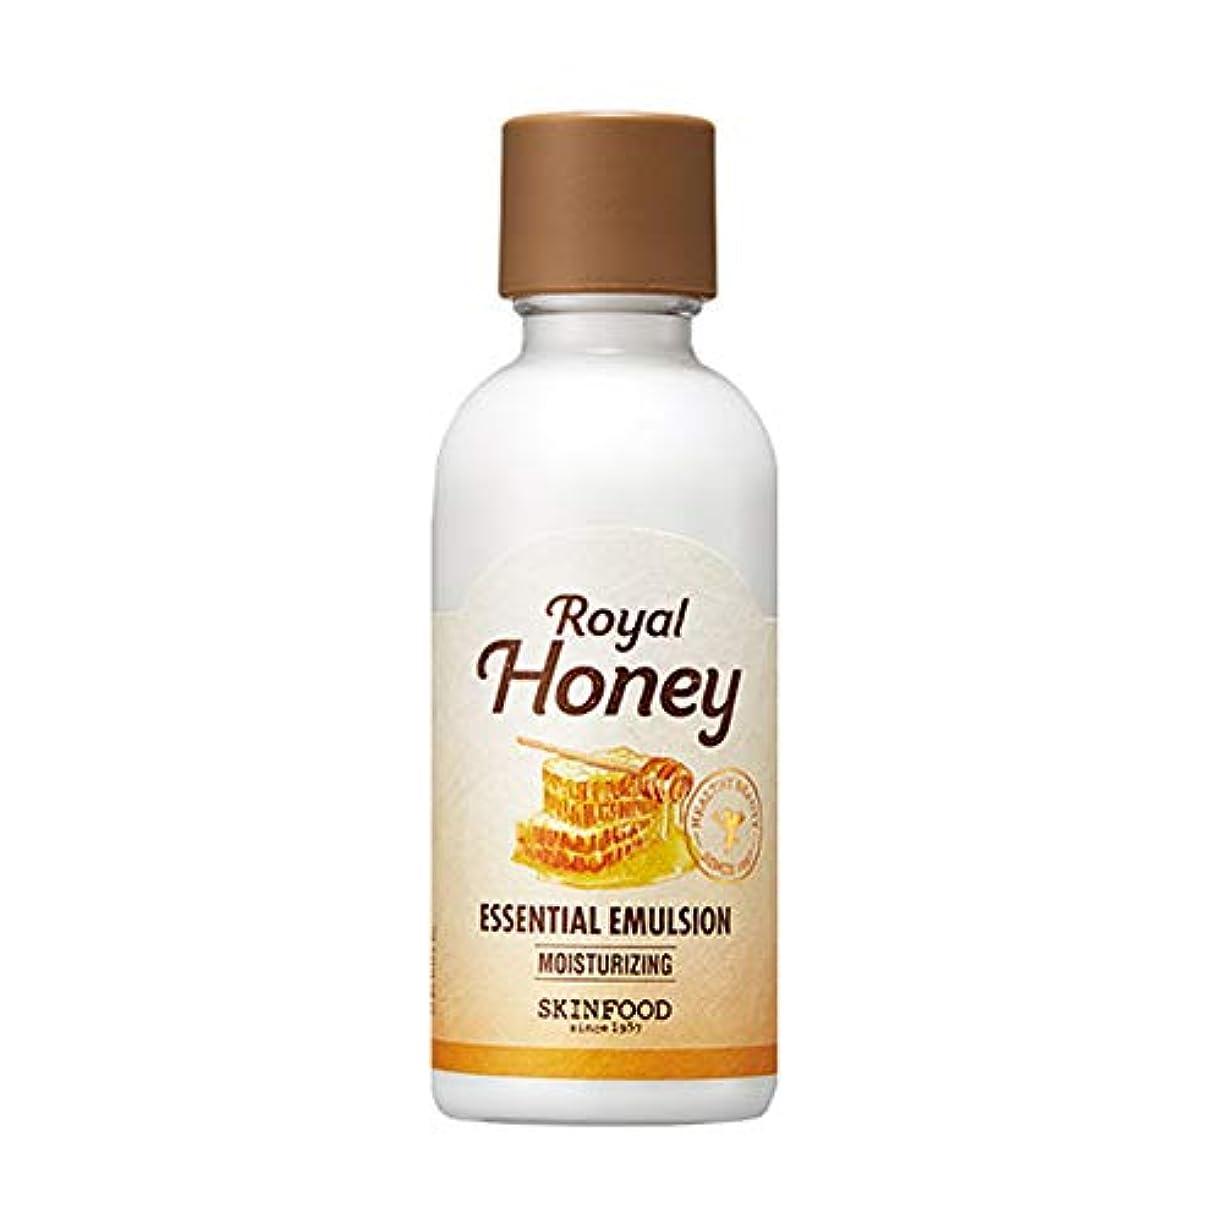 メキシコ調和日焼けSkinfood ロイヤルハニーエッセンシャルエマルジョン/Royal Honey Essential Emulsion 160ml [並行輸入品]